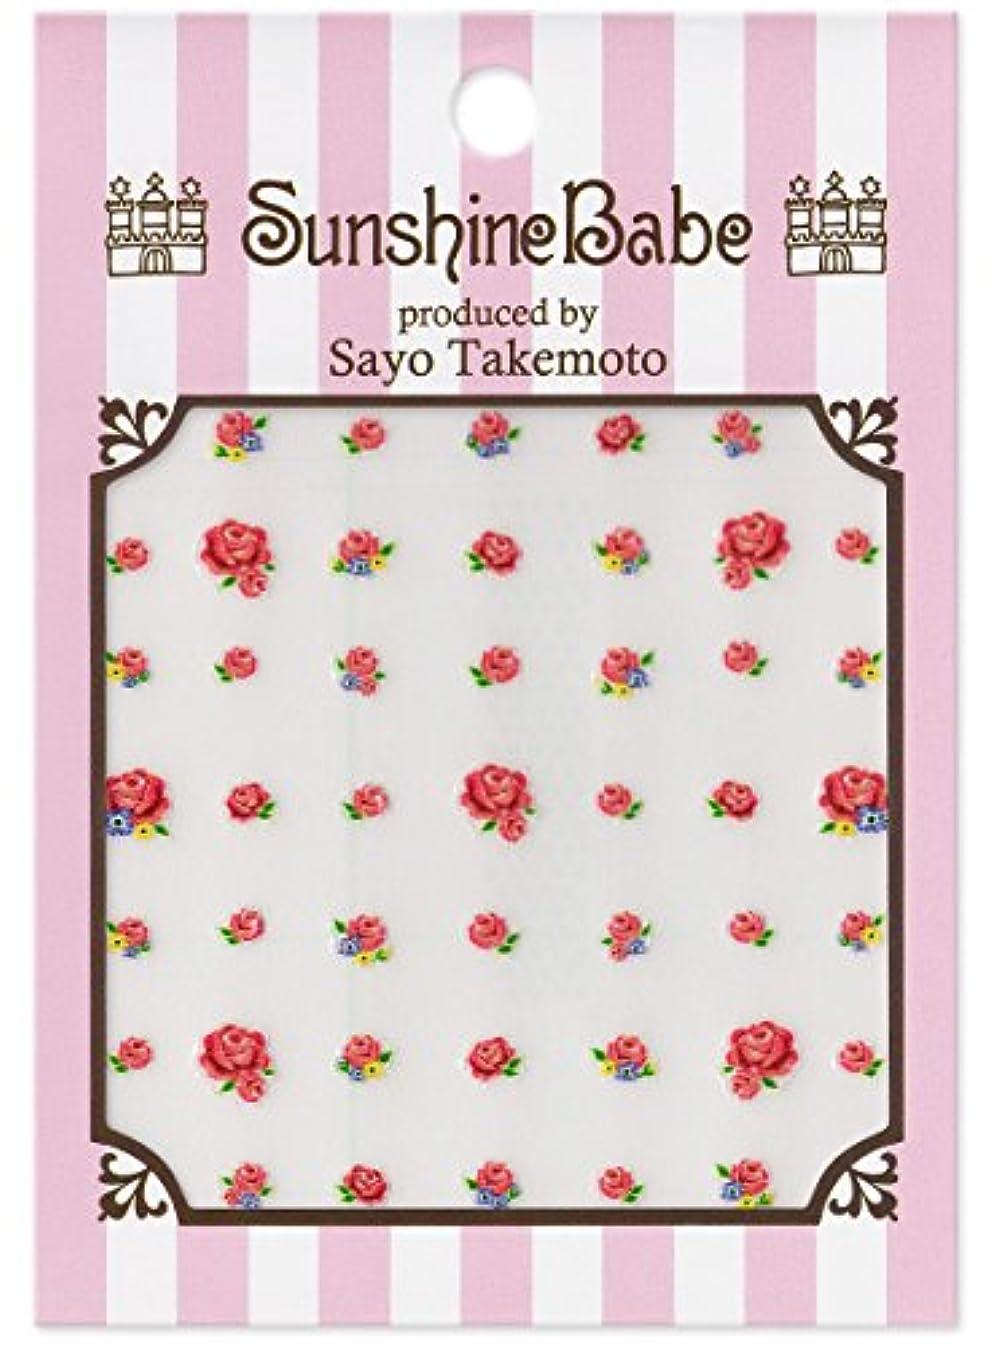 と組む振り向く脅威サンシャインベビー 武本小夜のネイルシール Sayo Style ローズ ピーチ